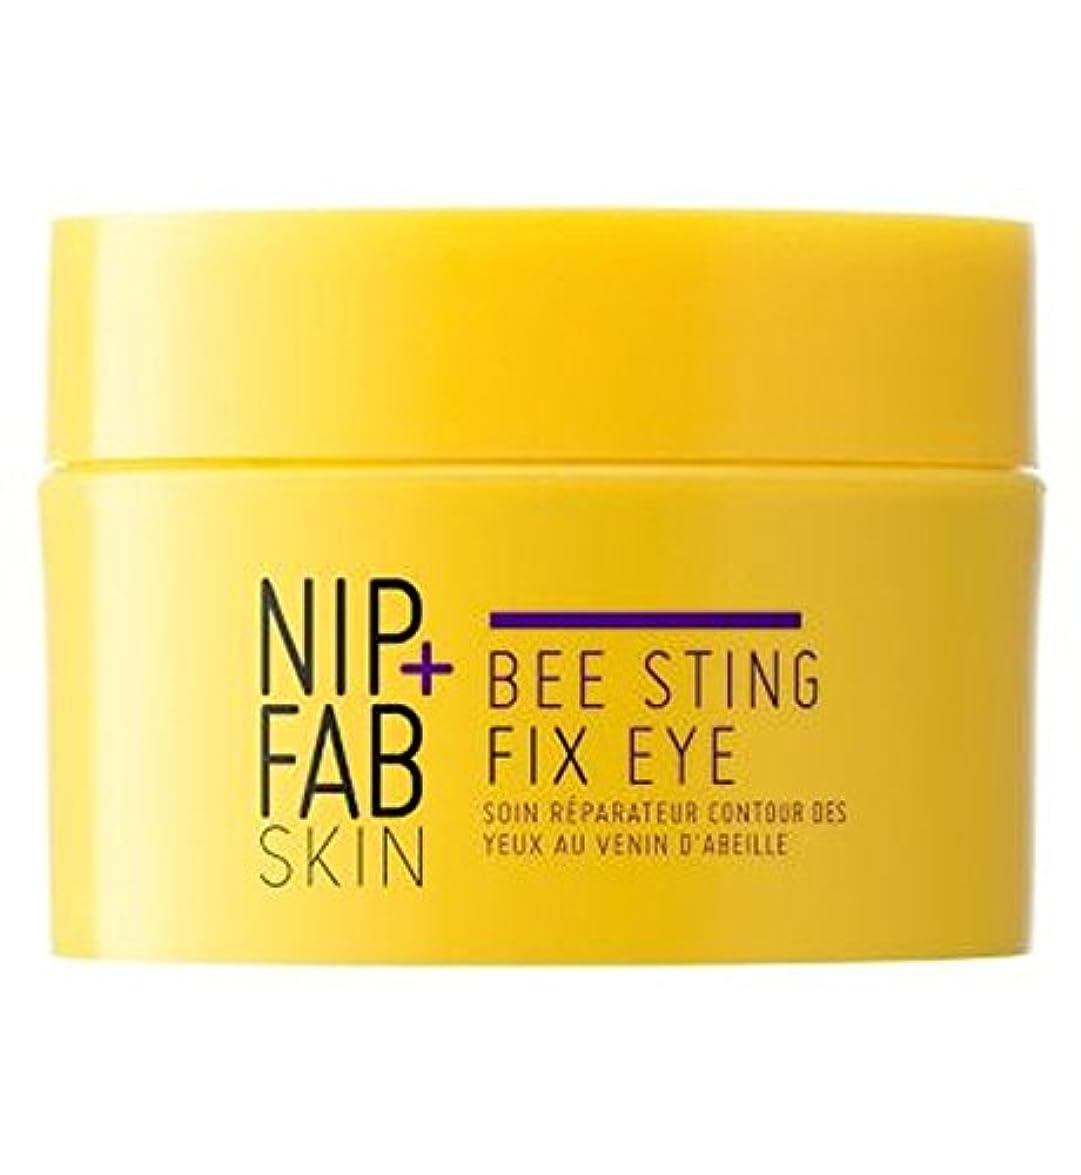 衝突洗剤フィヨルドNip+Fab Bee Sting Fix Eye Night - +ファブハチ刺されフィックス目の夜ニップ (Nip & Fab) [並行輸入品]